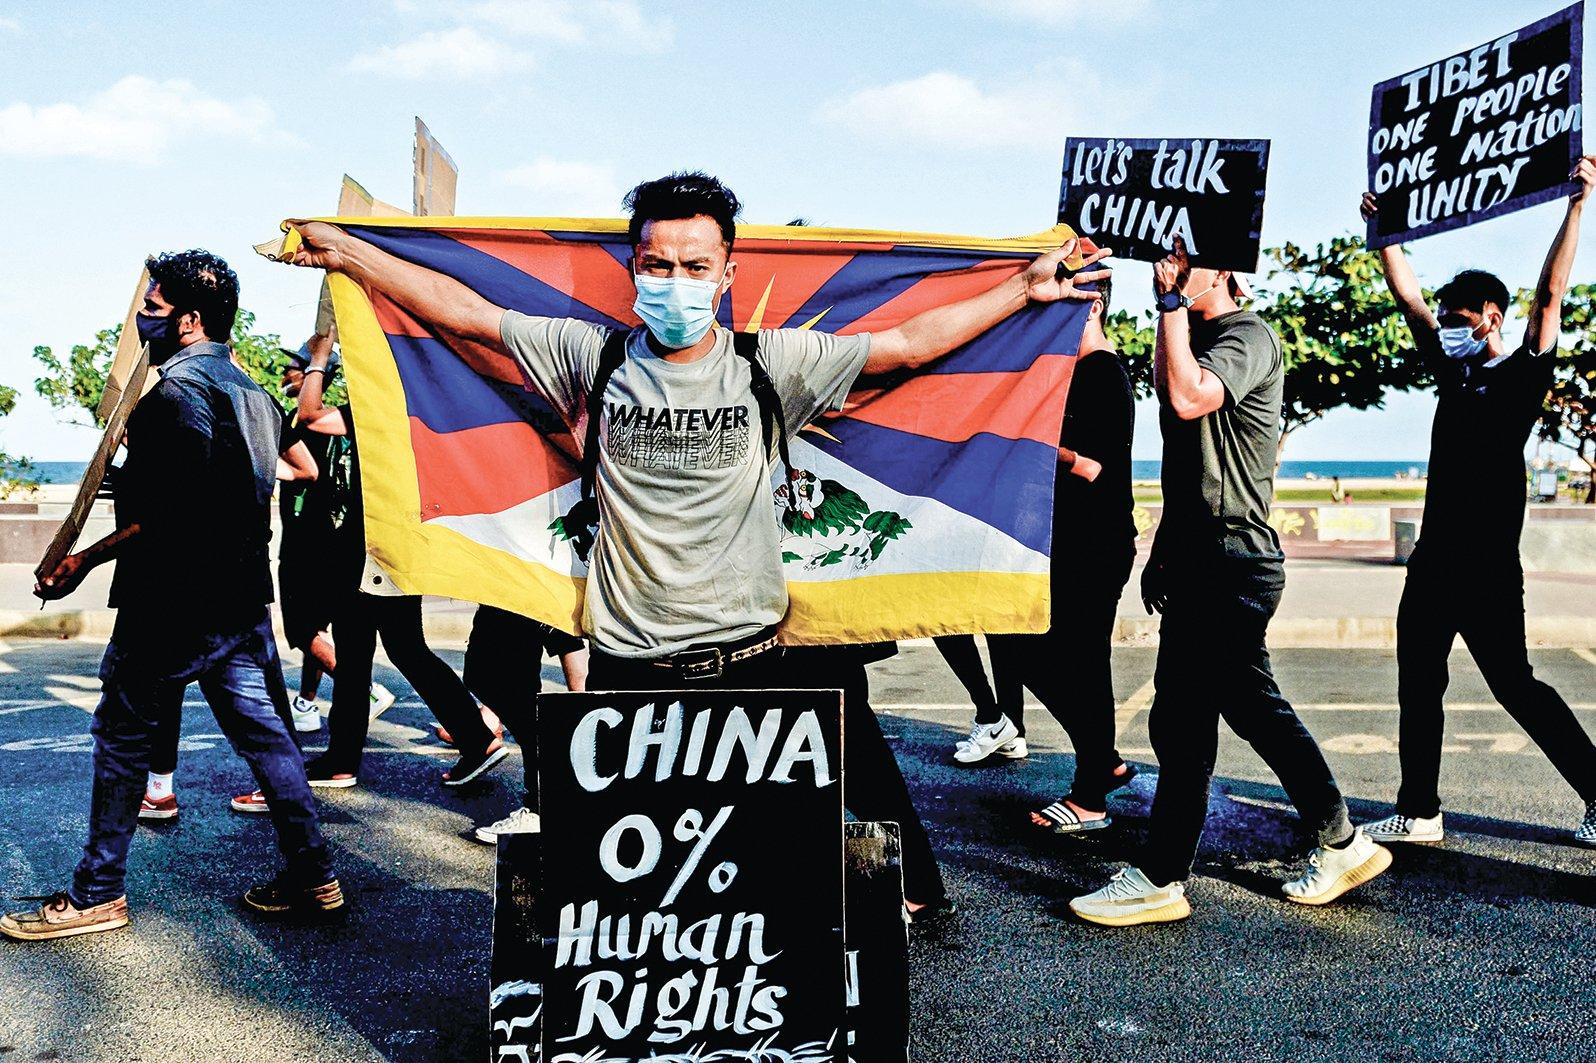 中共最恐懼的第三項,是台灣、香港、西藏和新疆的所謂「獨立」問題。圖為在印度的西藏人舉行遊行,抗議中共國沒有任何人權。(Getty Images)